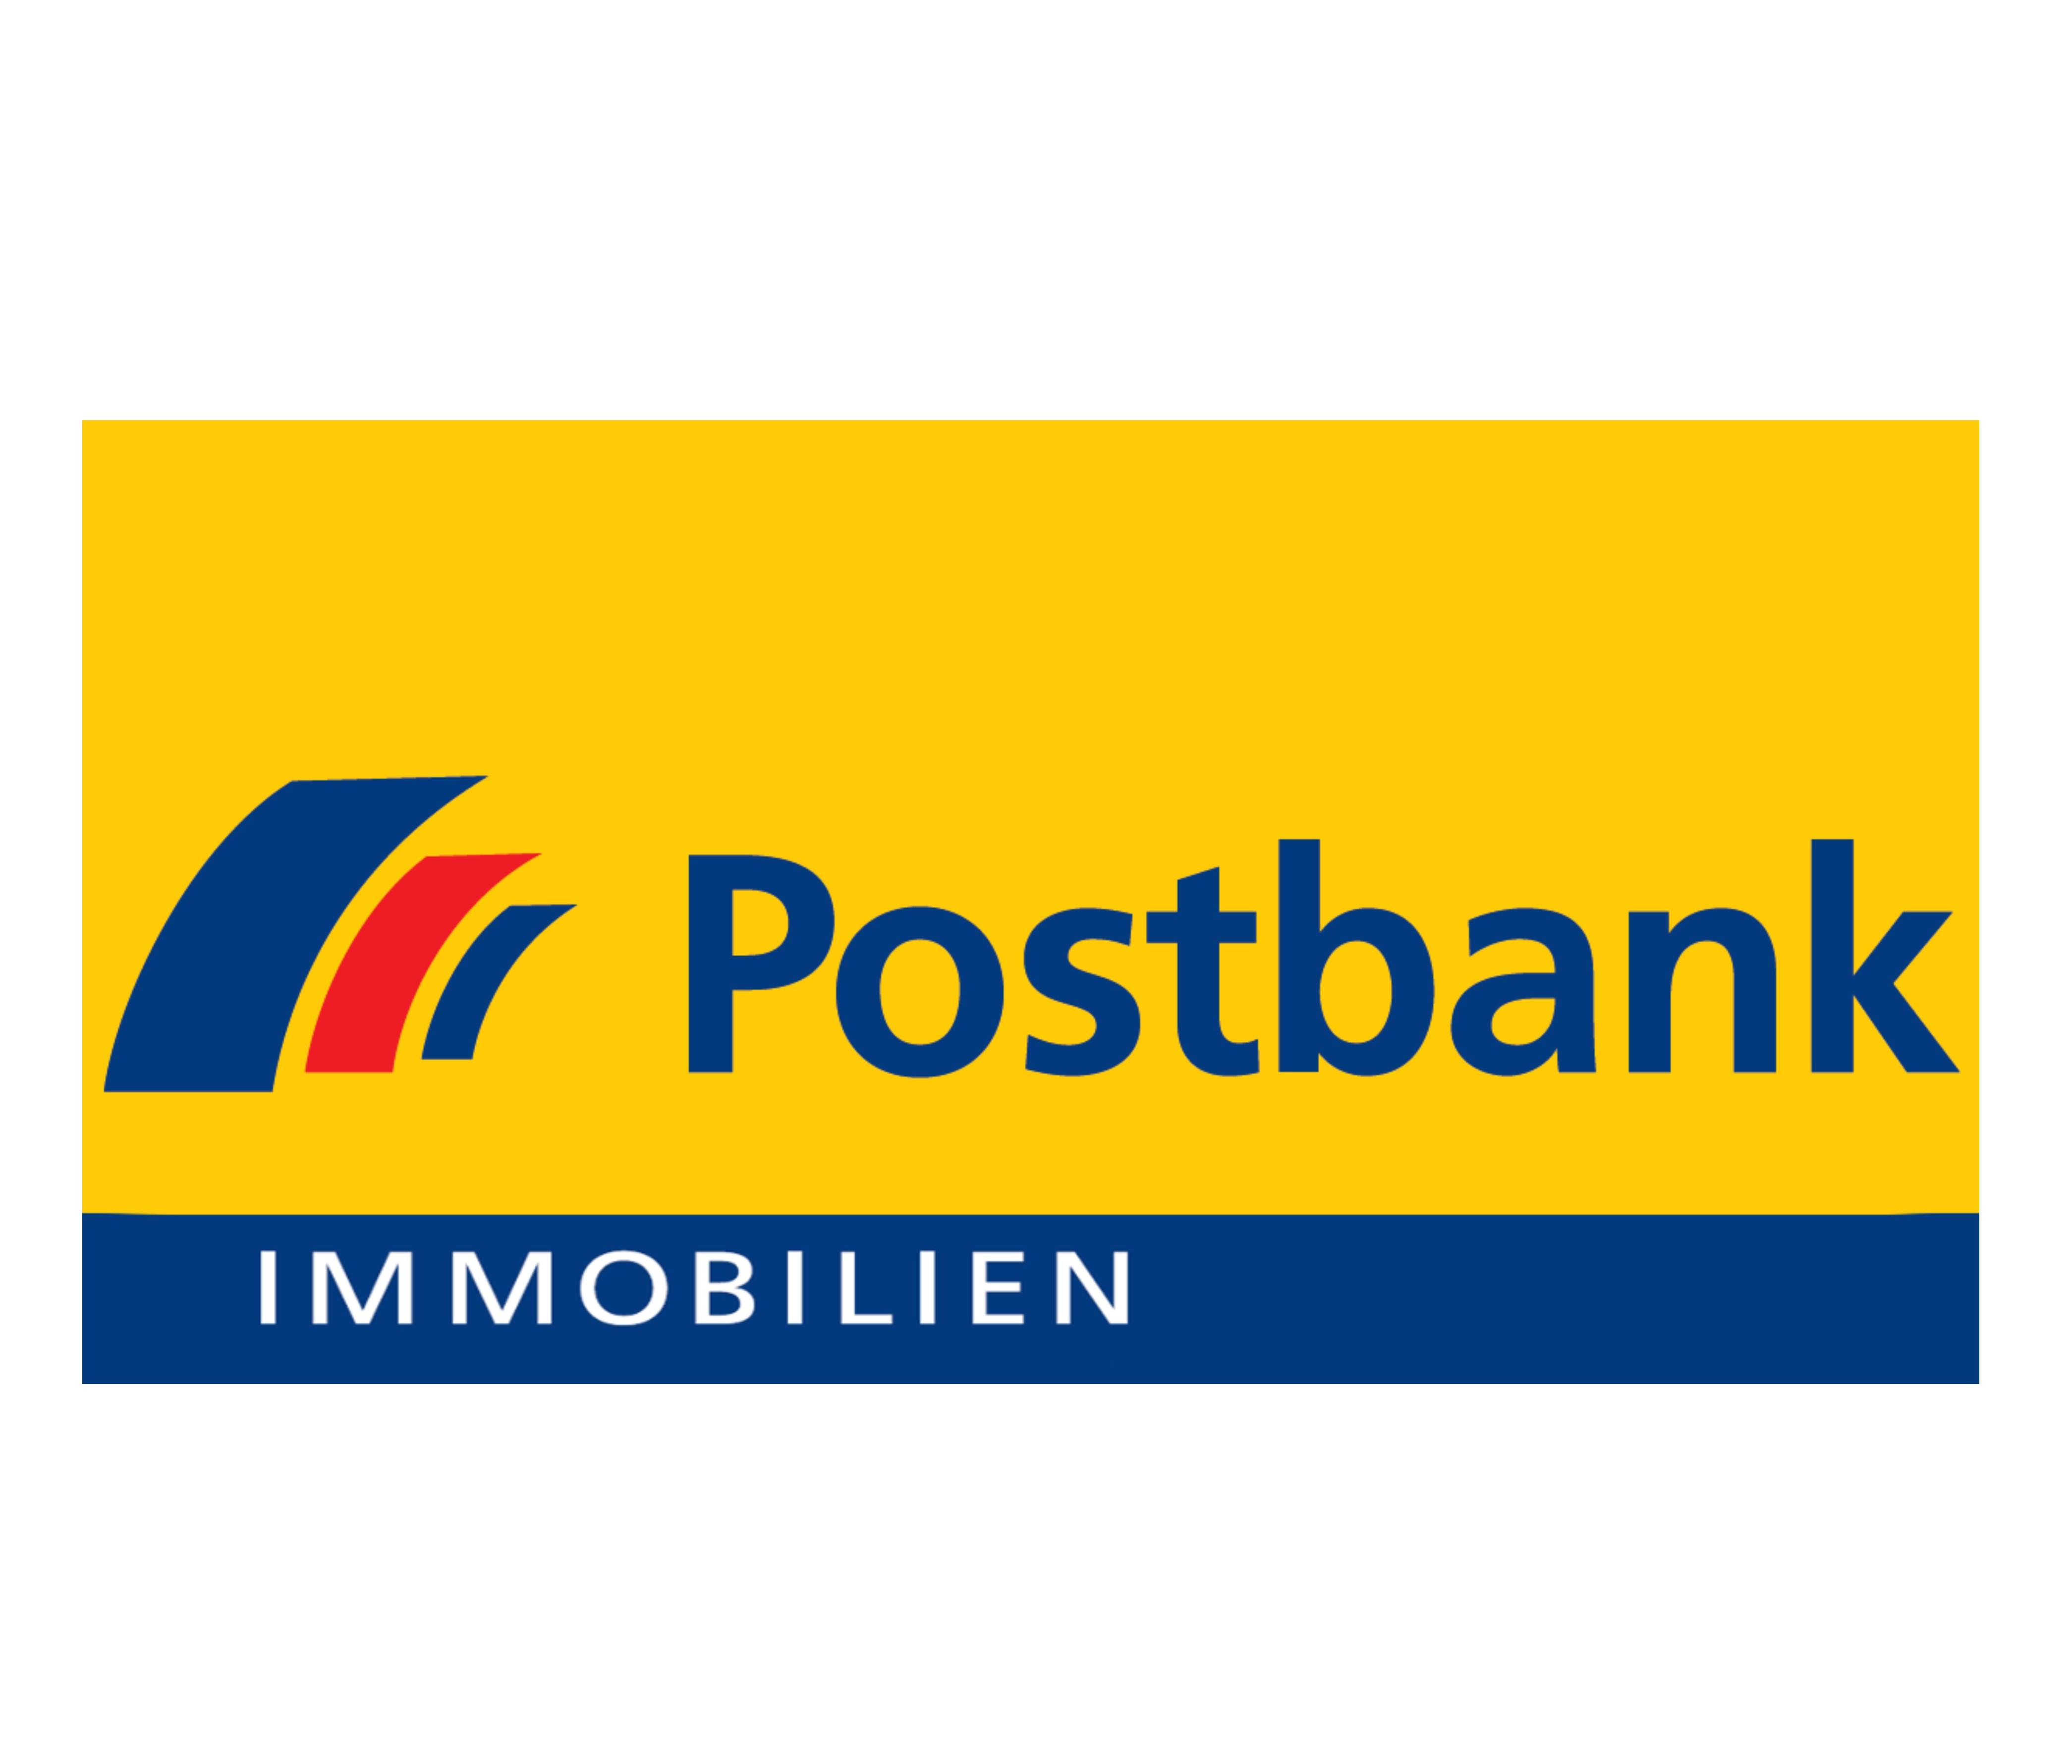 Hier sehen Sie das Logo von Postbank Immobilien